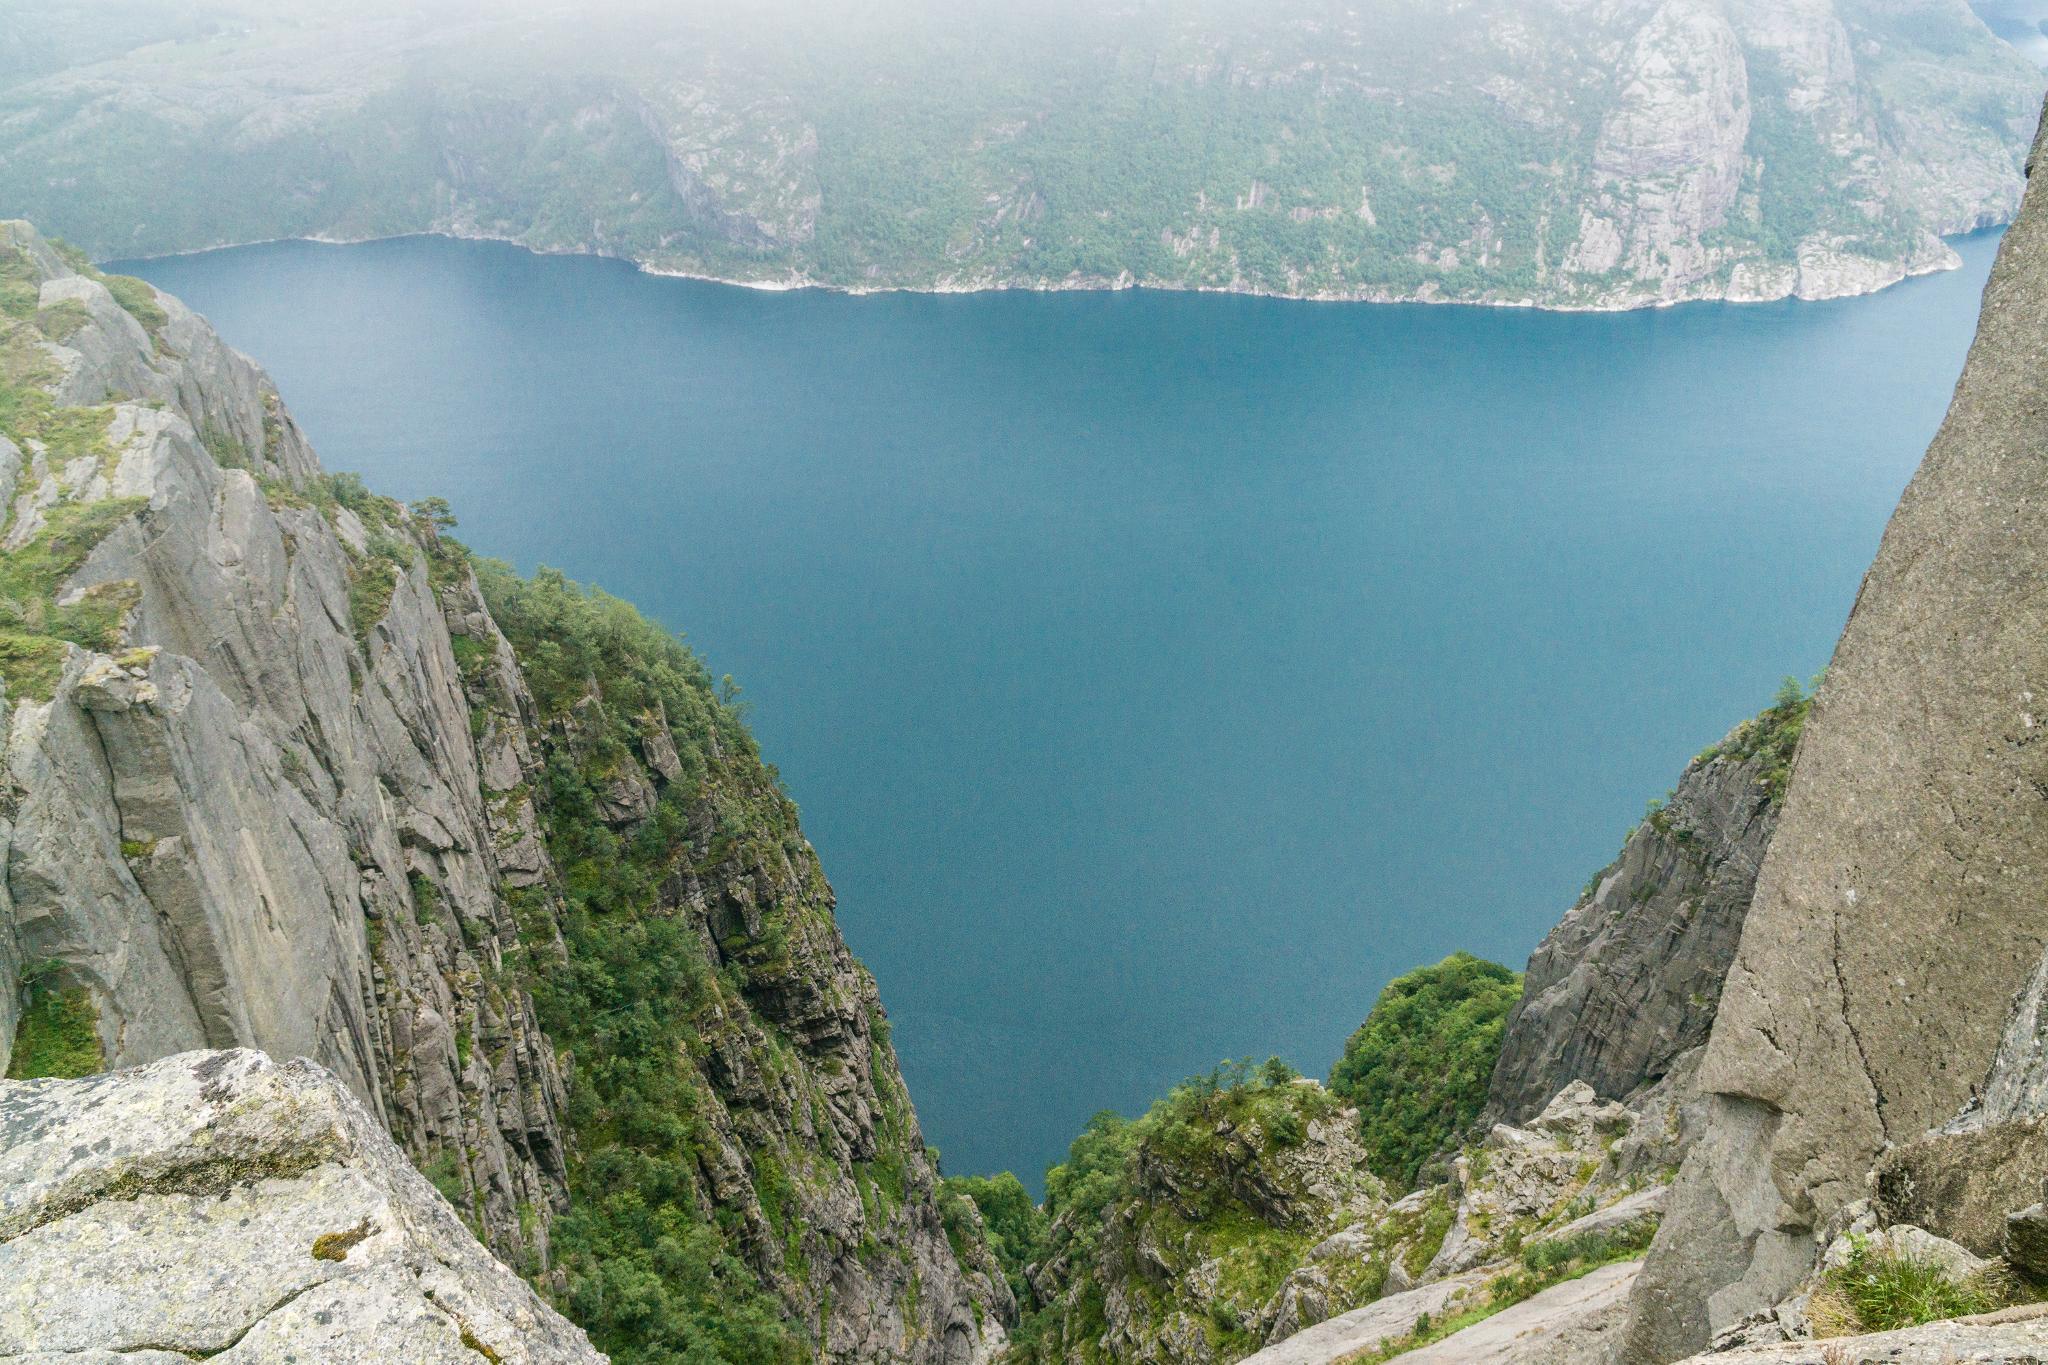 【北歐景點】朝聖挪威三大奇岩:聖壇岩Preikestolen健行紀錄 16